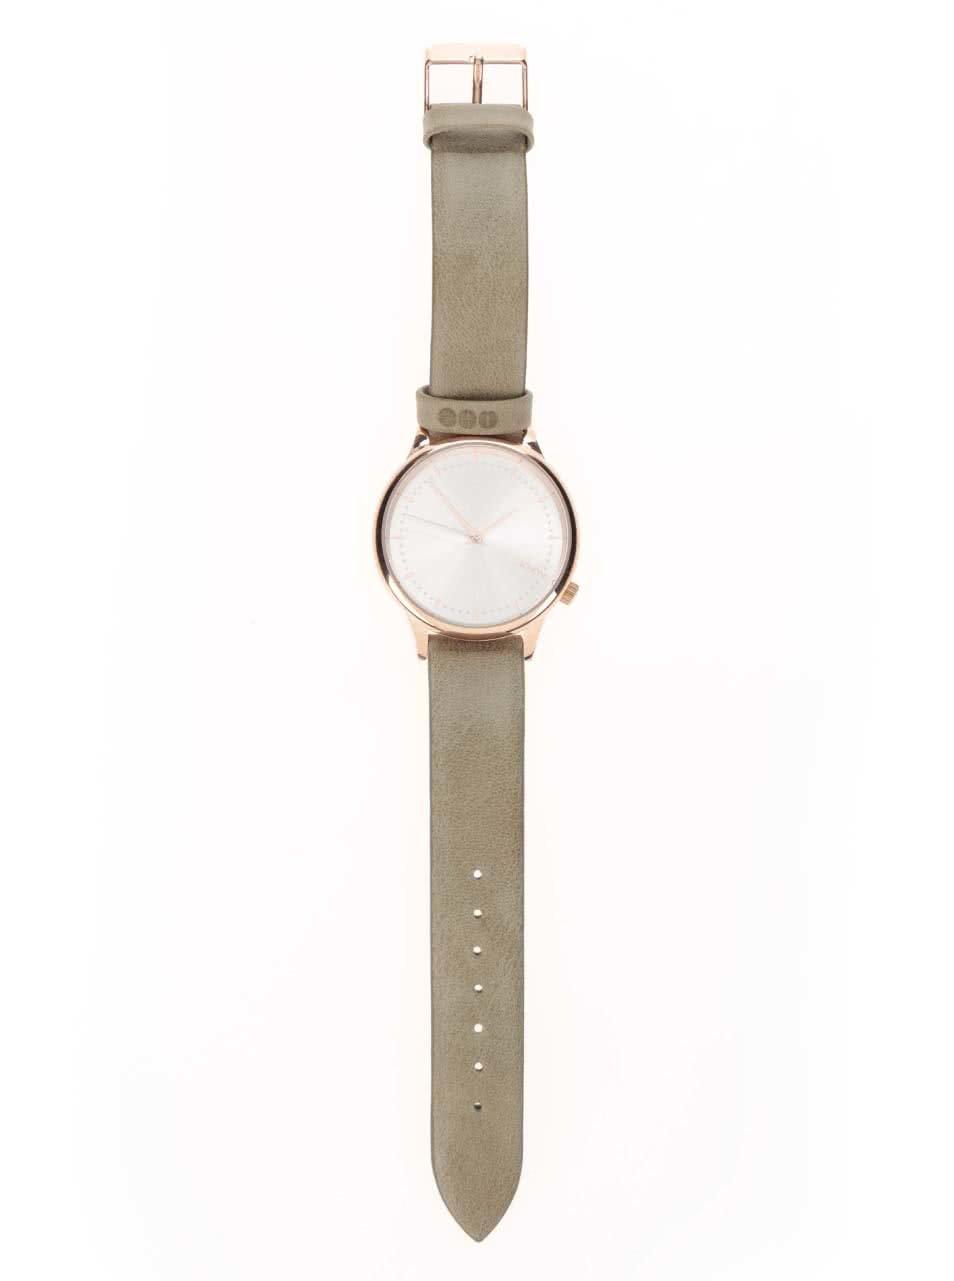 ... Dámské hodinky ve zlaté barvě s koženým páskem Komono Estelle ... 92f49050a1